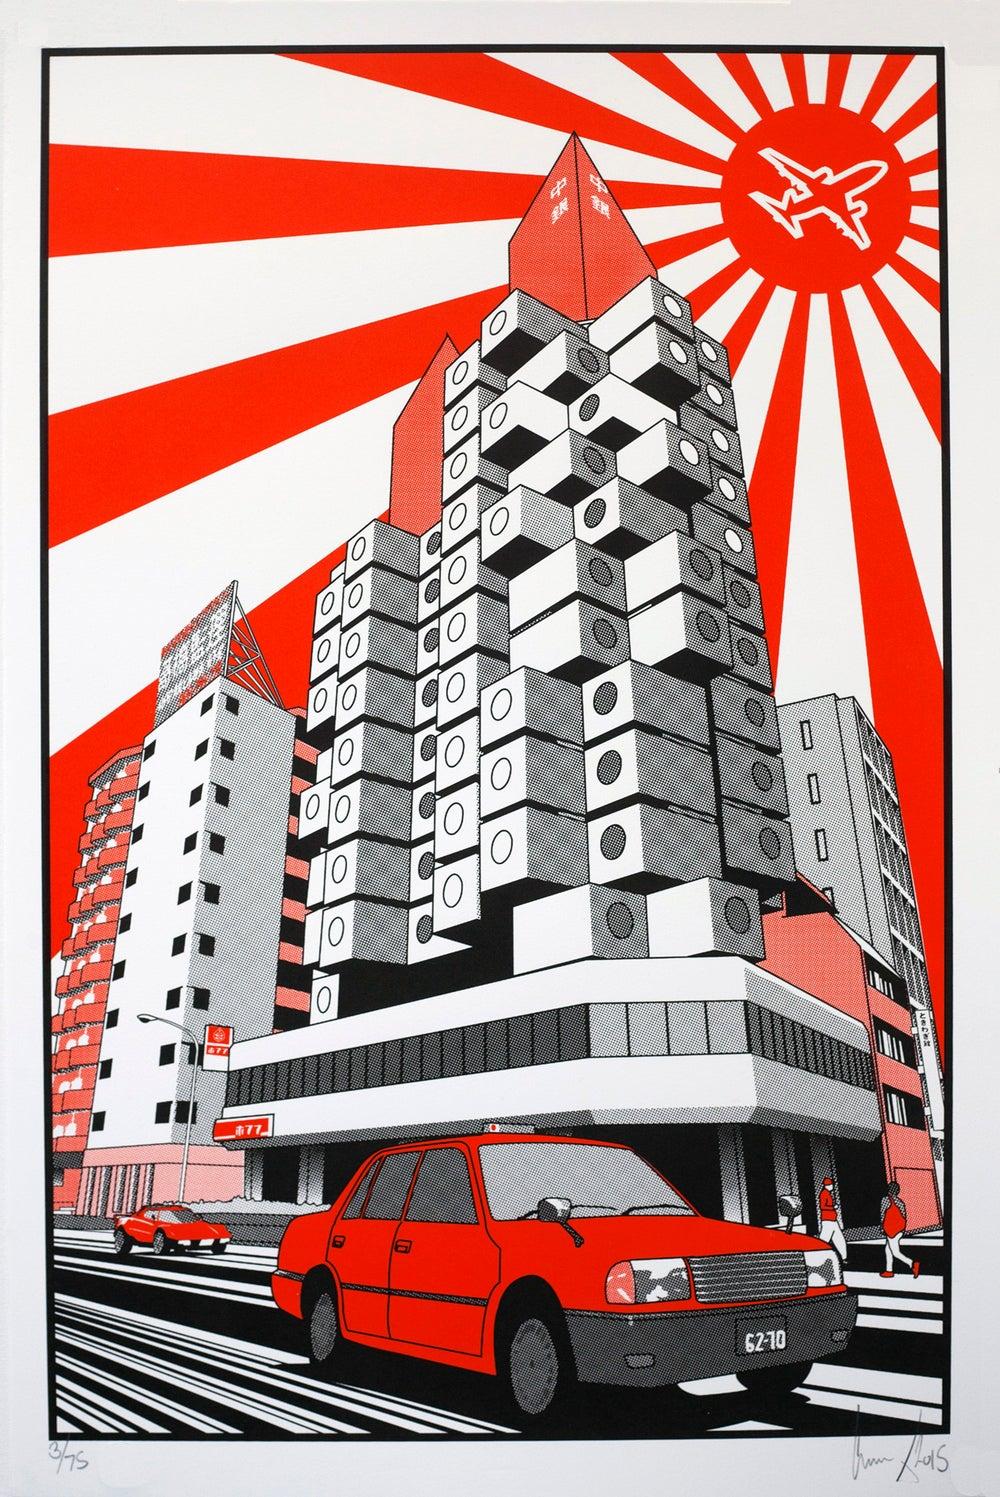 Image of Nakagin Capsule Tower screen print